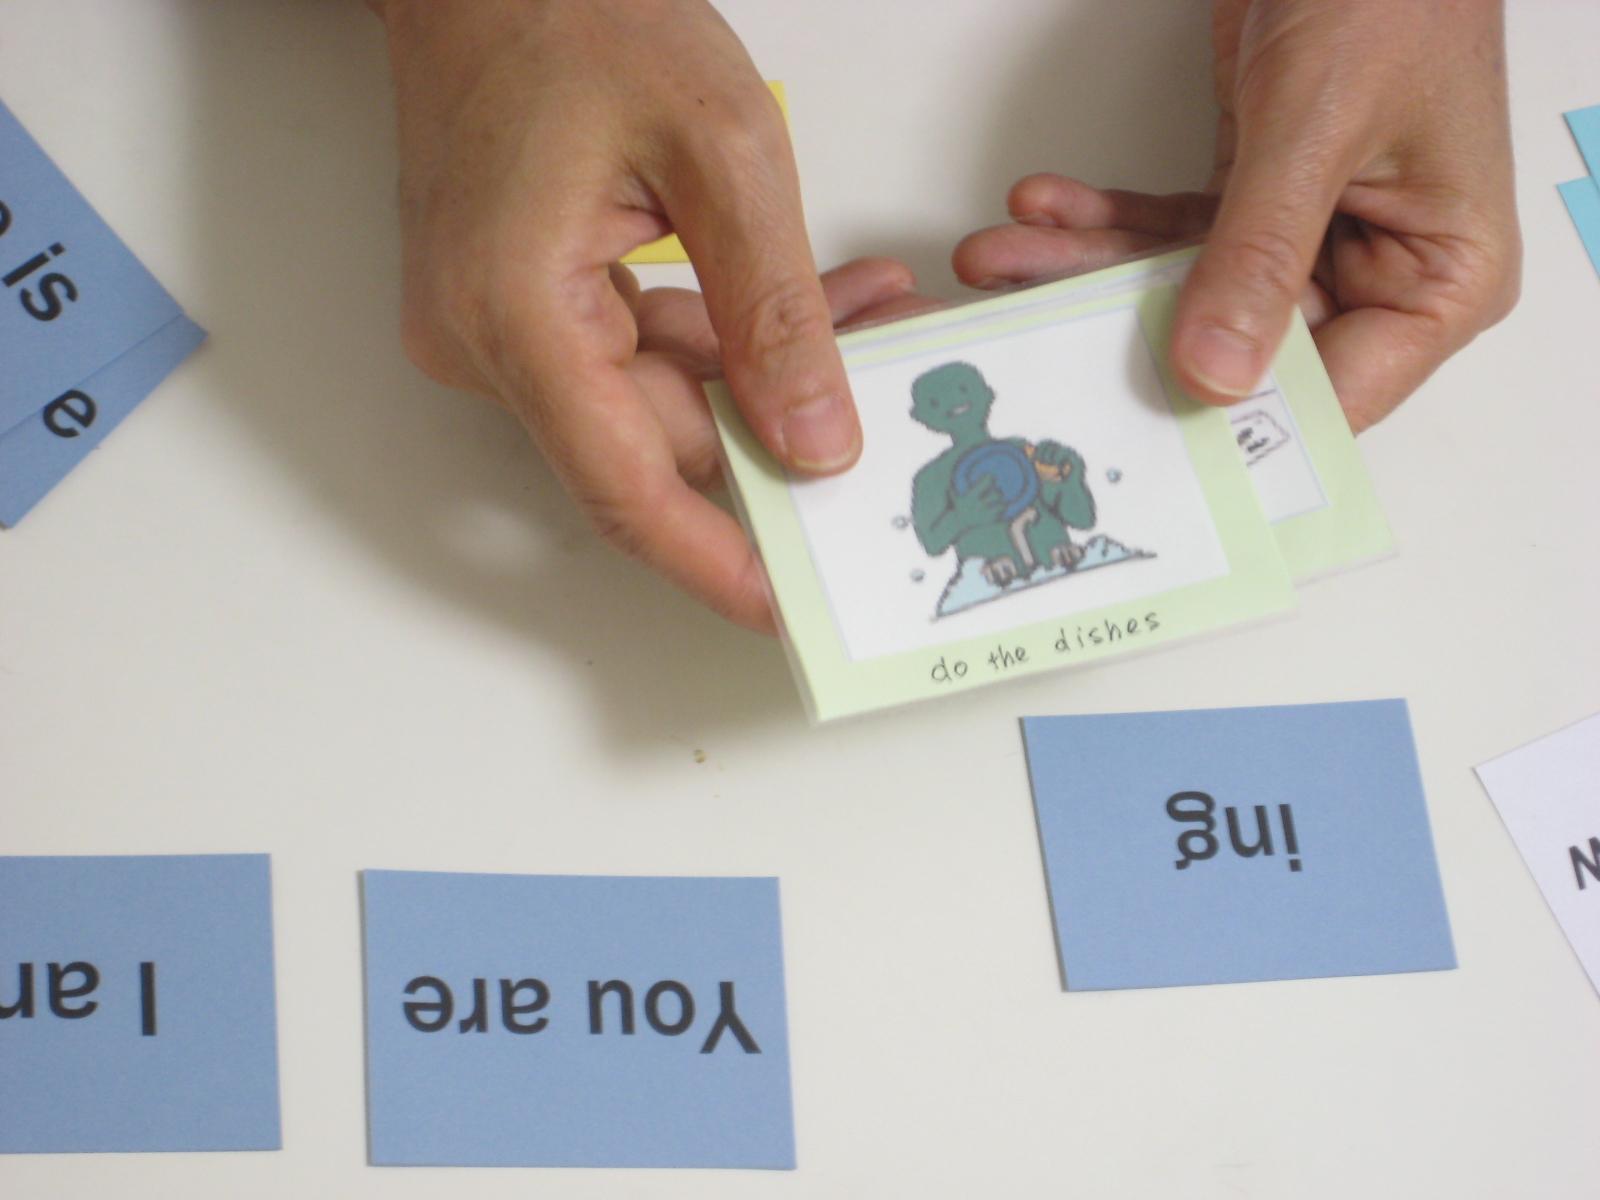 大人向けの単語ゲームはありますか?